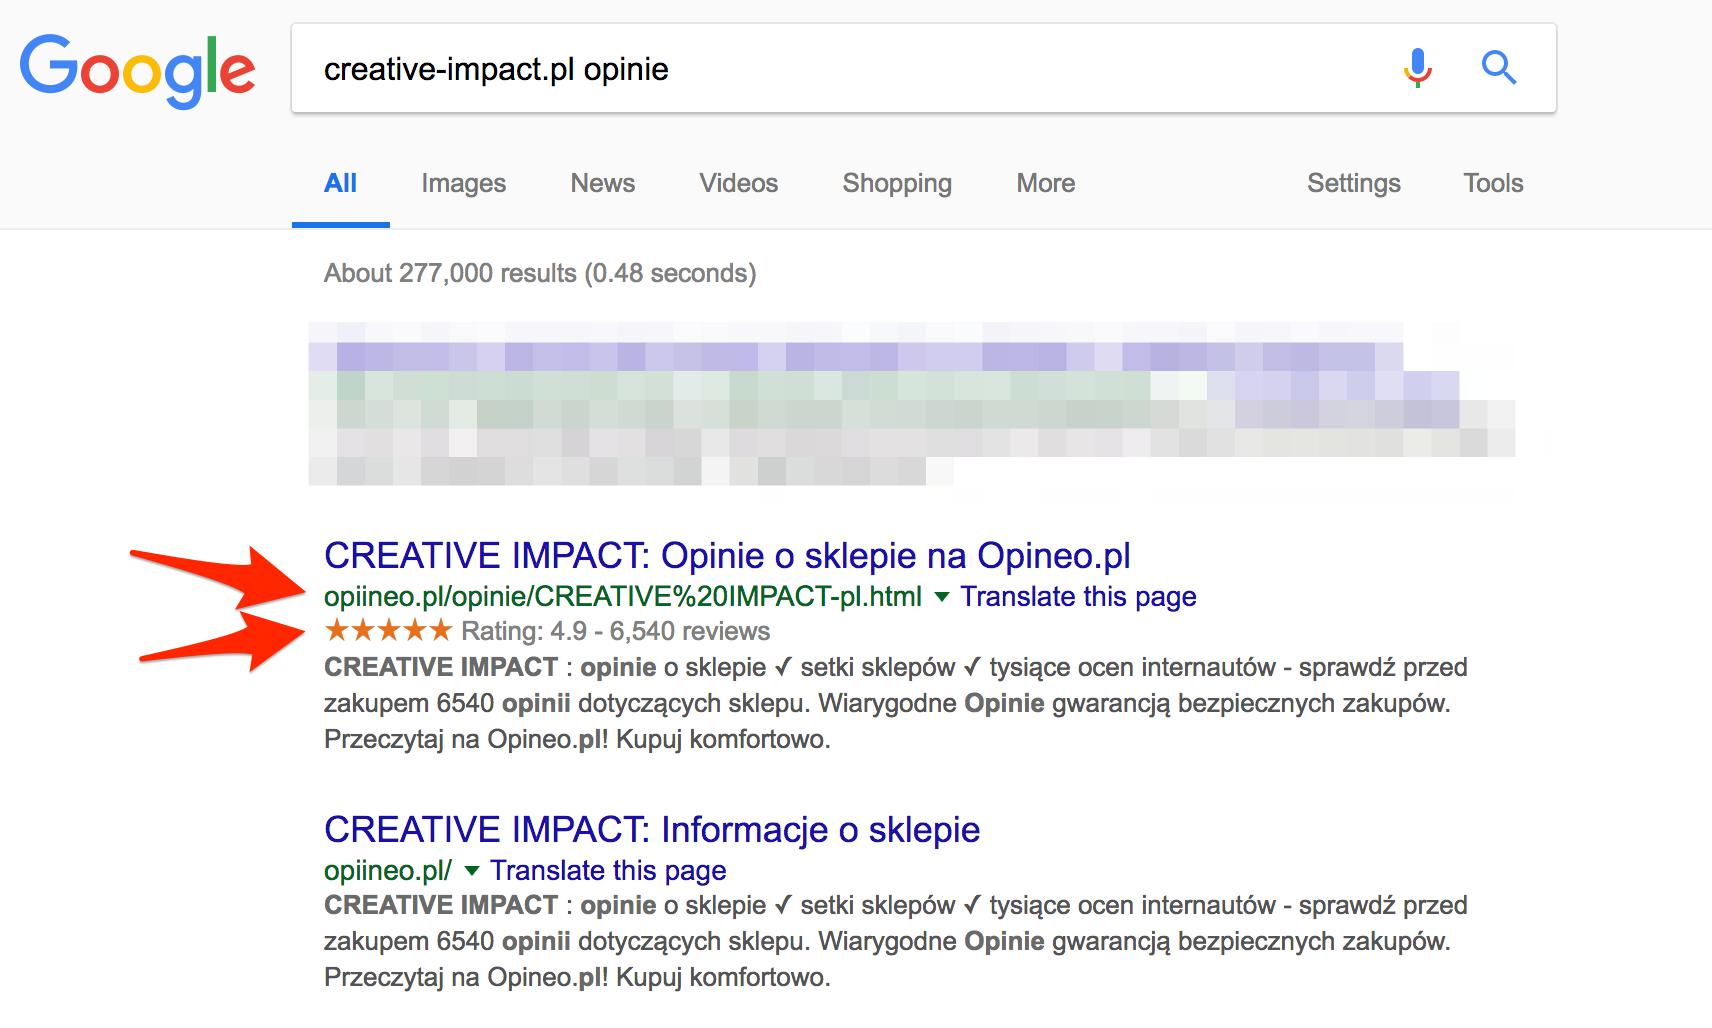 7ade5174dd049e Oto przykład jednego z fałszywych serwisów z opiniami, udającego Opineo i  przekazujacego fałszywe opinie na temat sklepu creative-impact.pl, ...